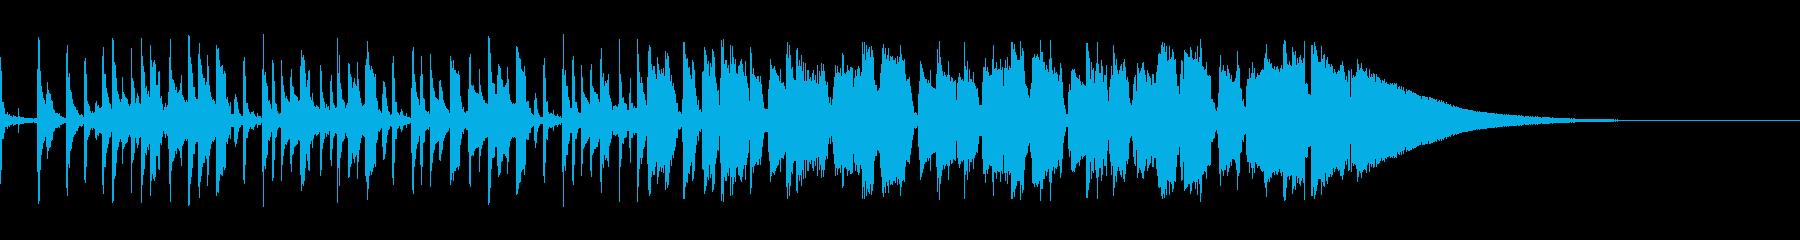 【生音】ピースフルな雰囲気のギターポップの再生済みの波形